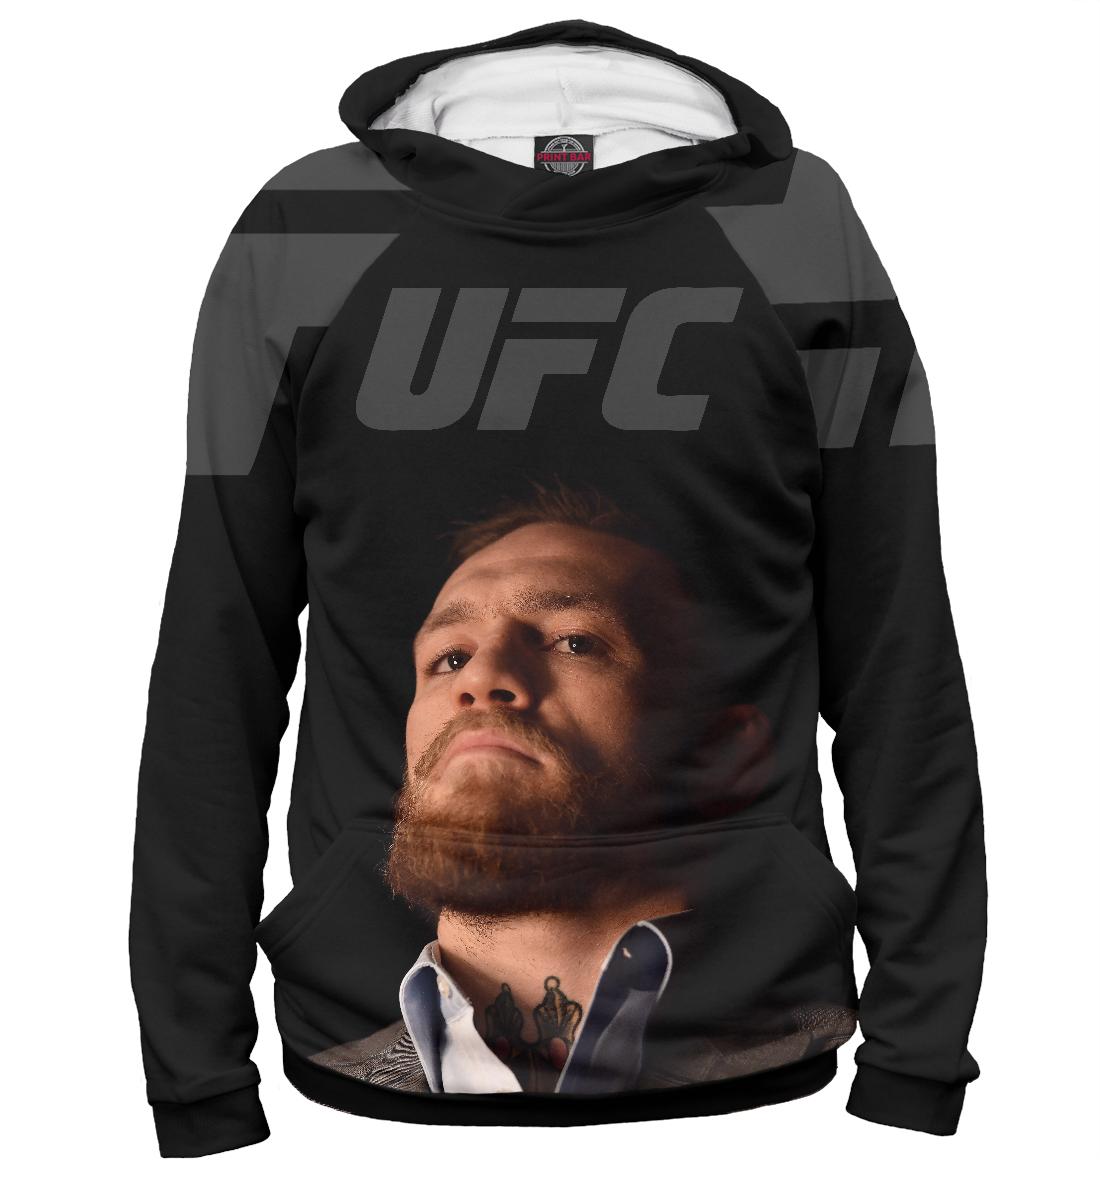 Conor Mcgregor UFC Style, Printbar, Худи, MCG-186704-hud-2  - купить со скидкой